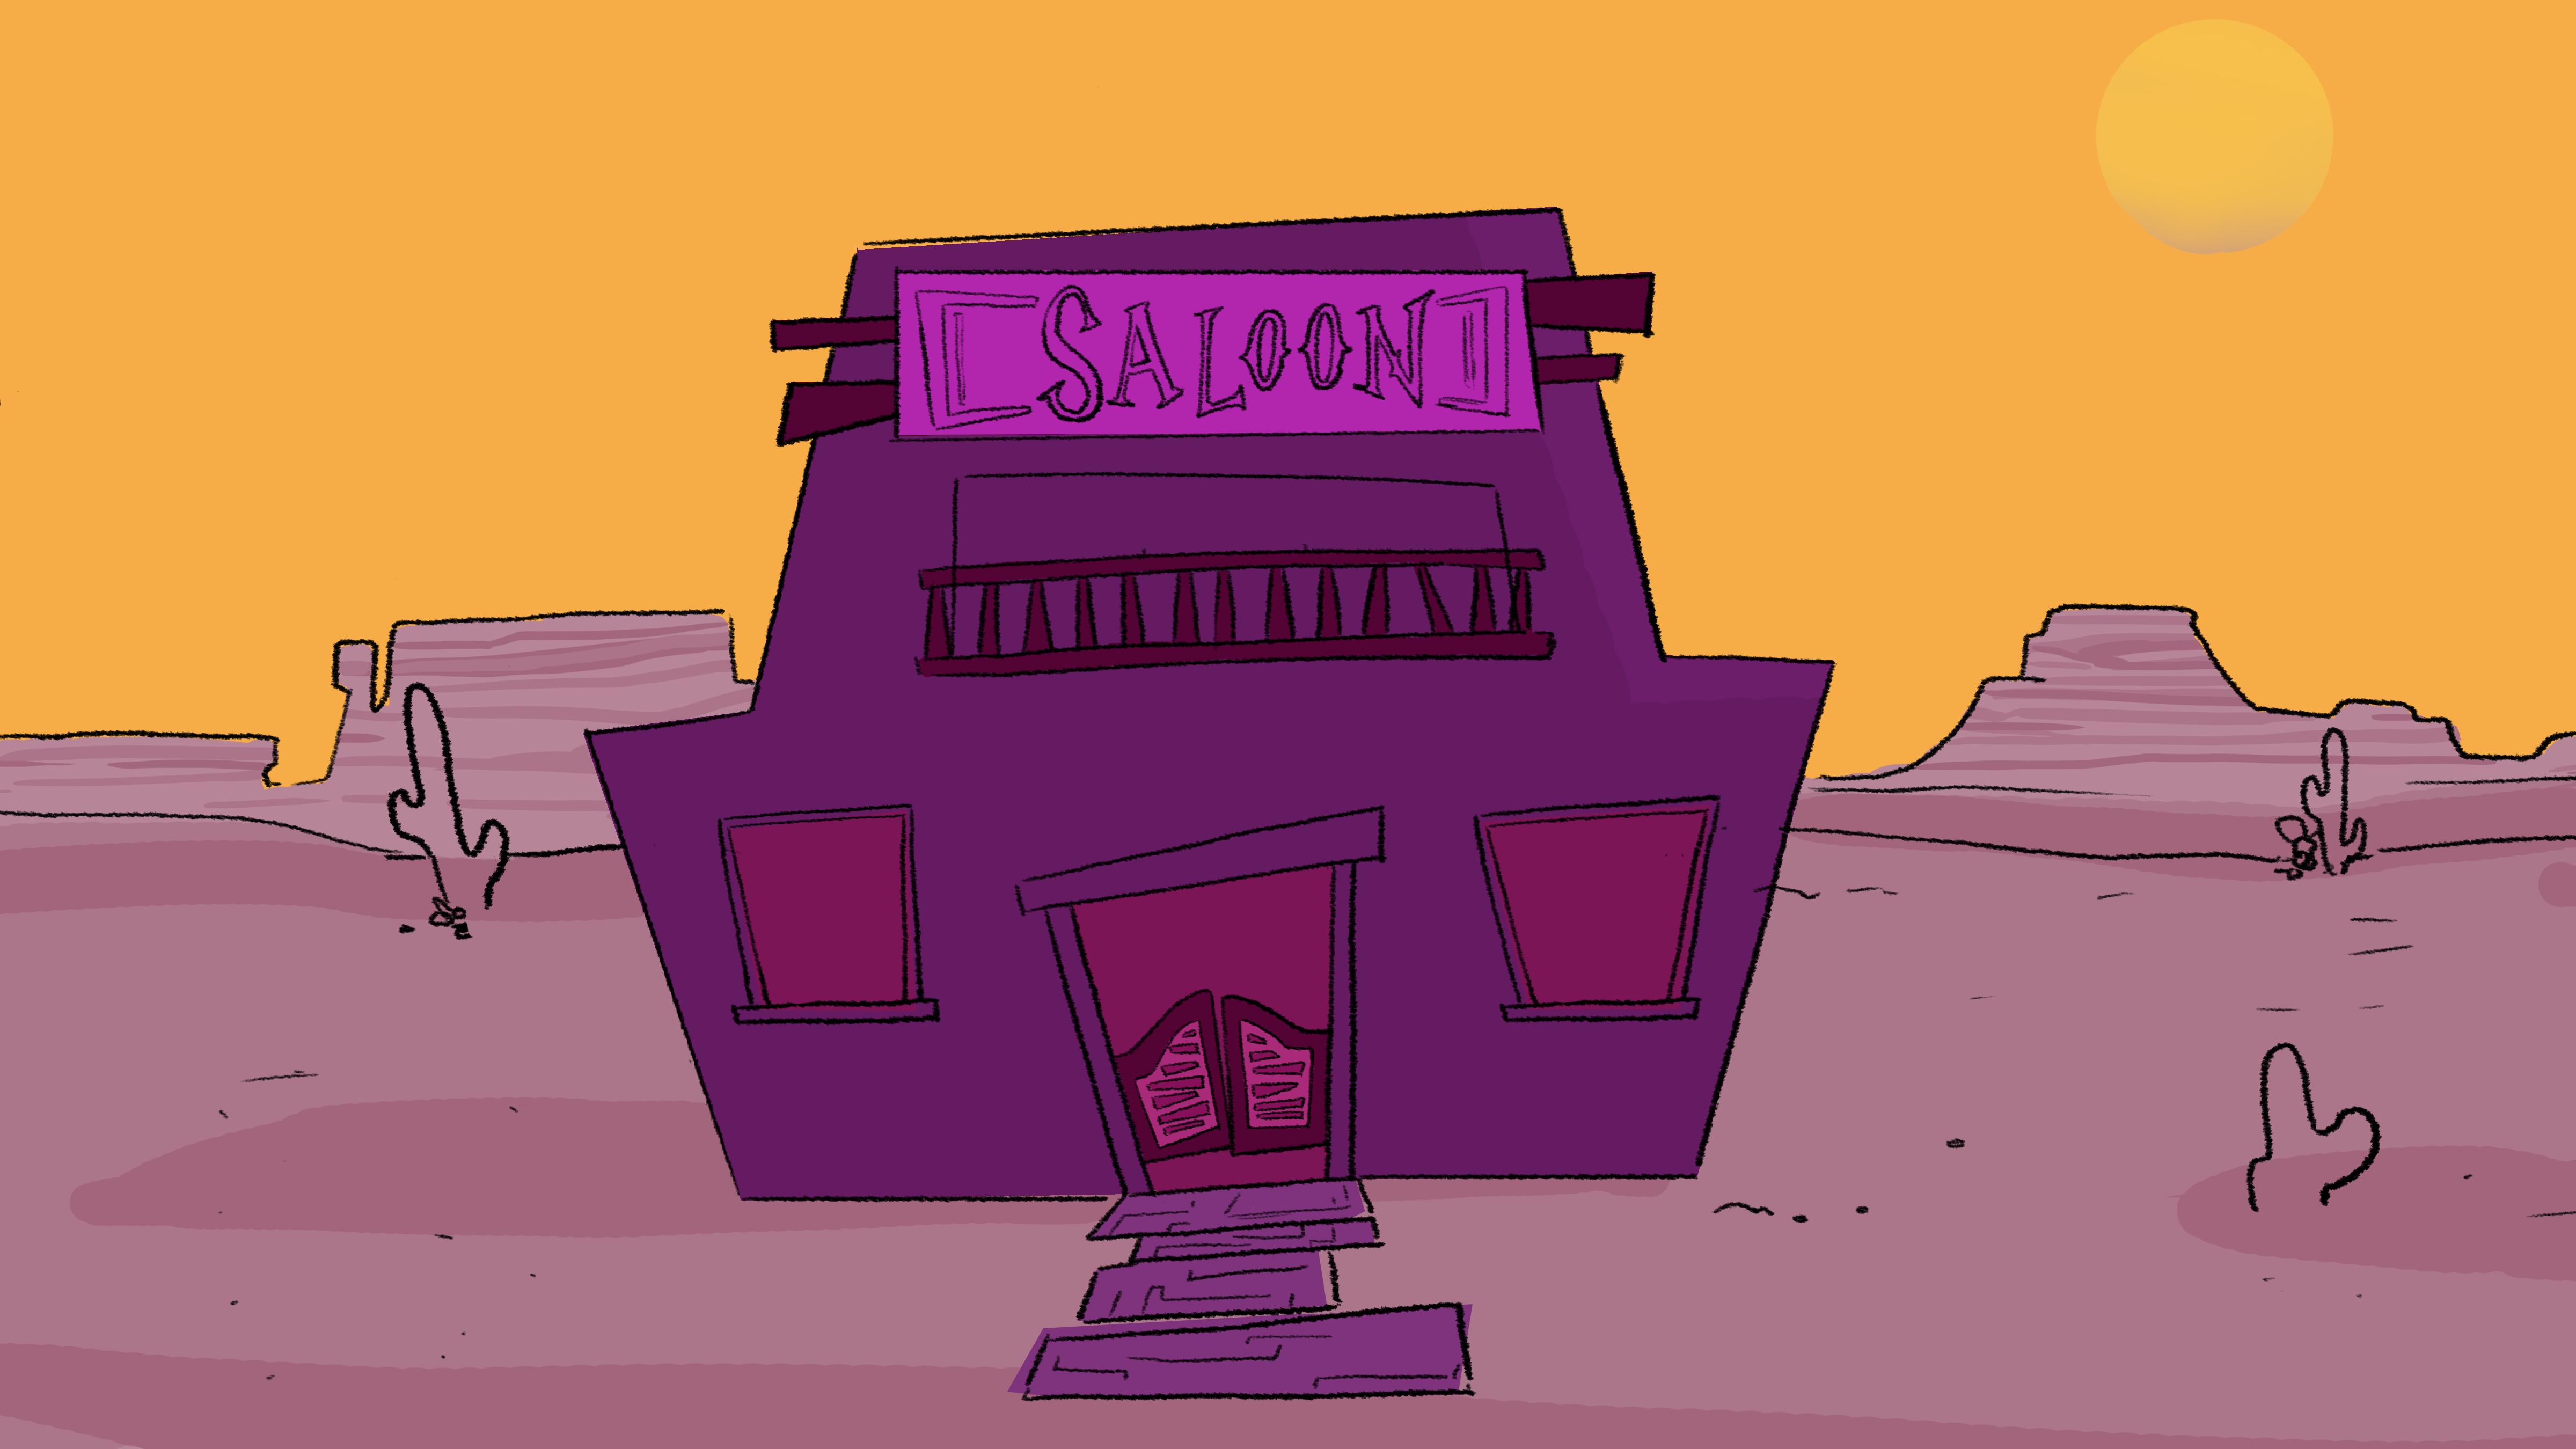 Gotcha-Saloon-exterior